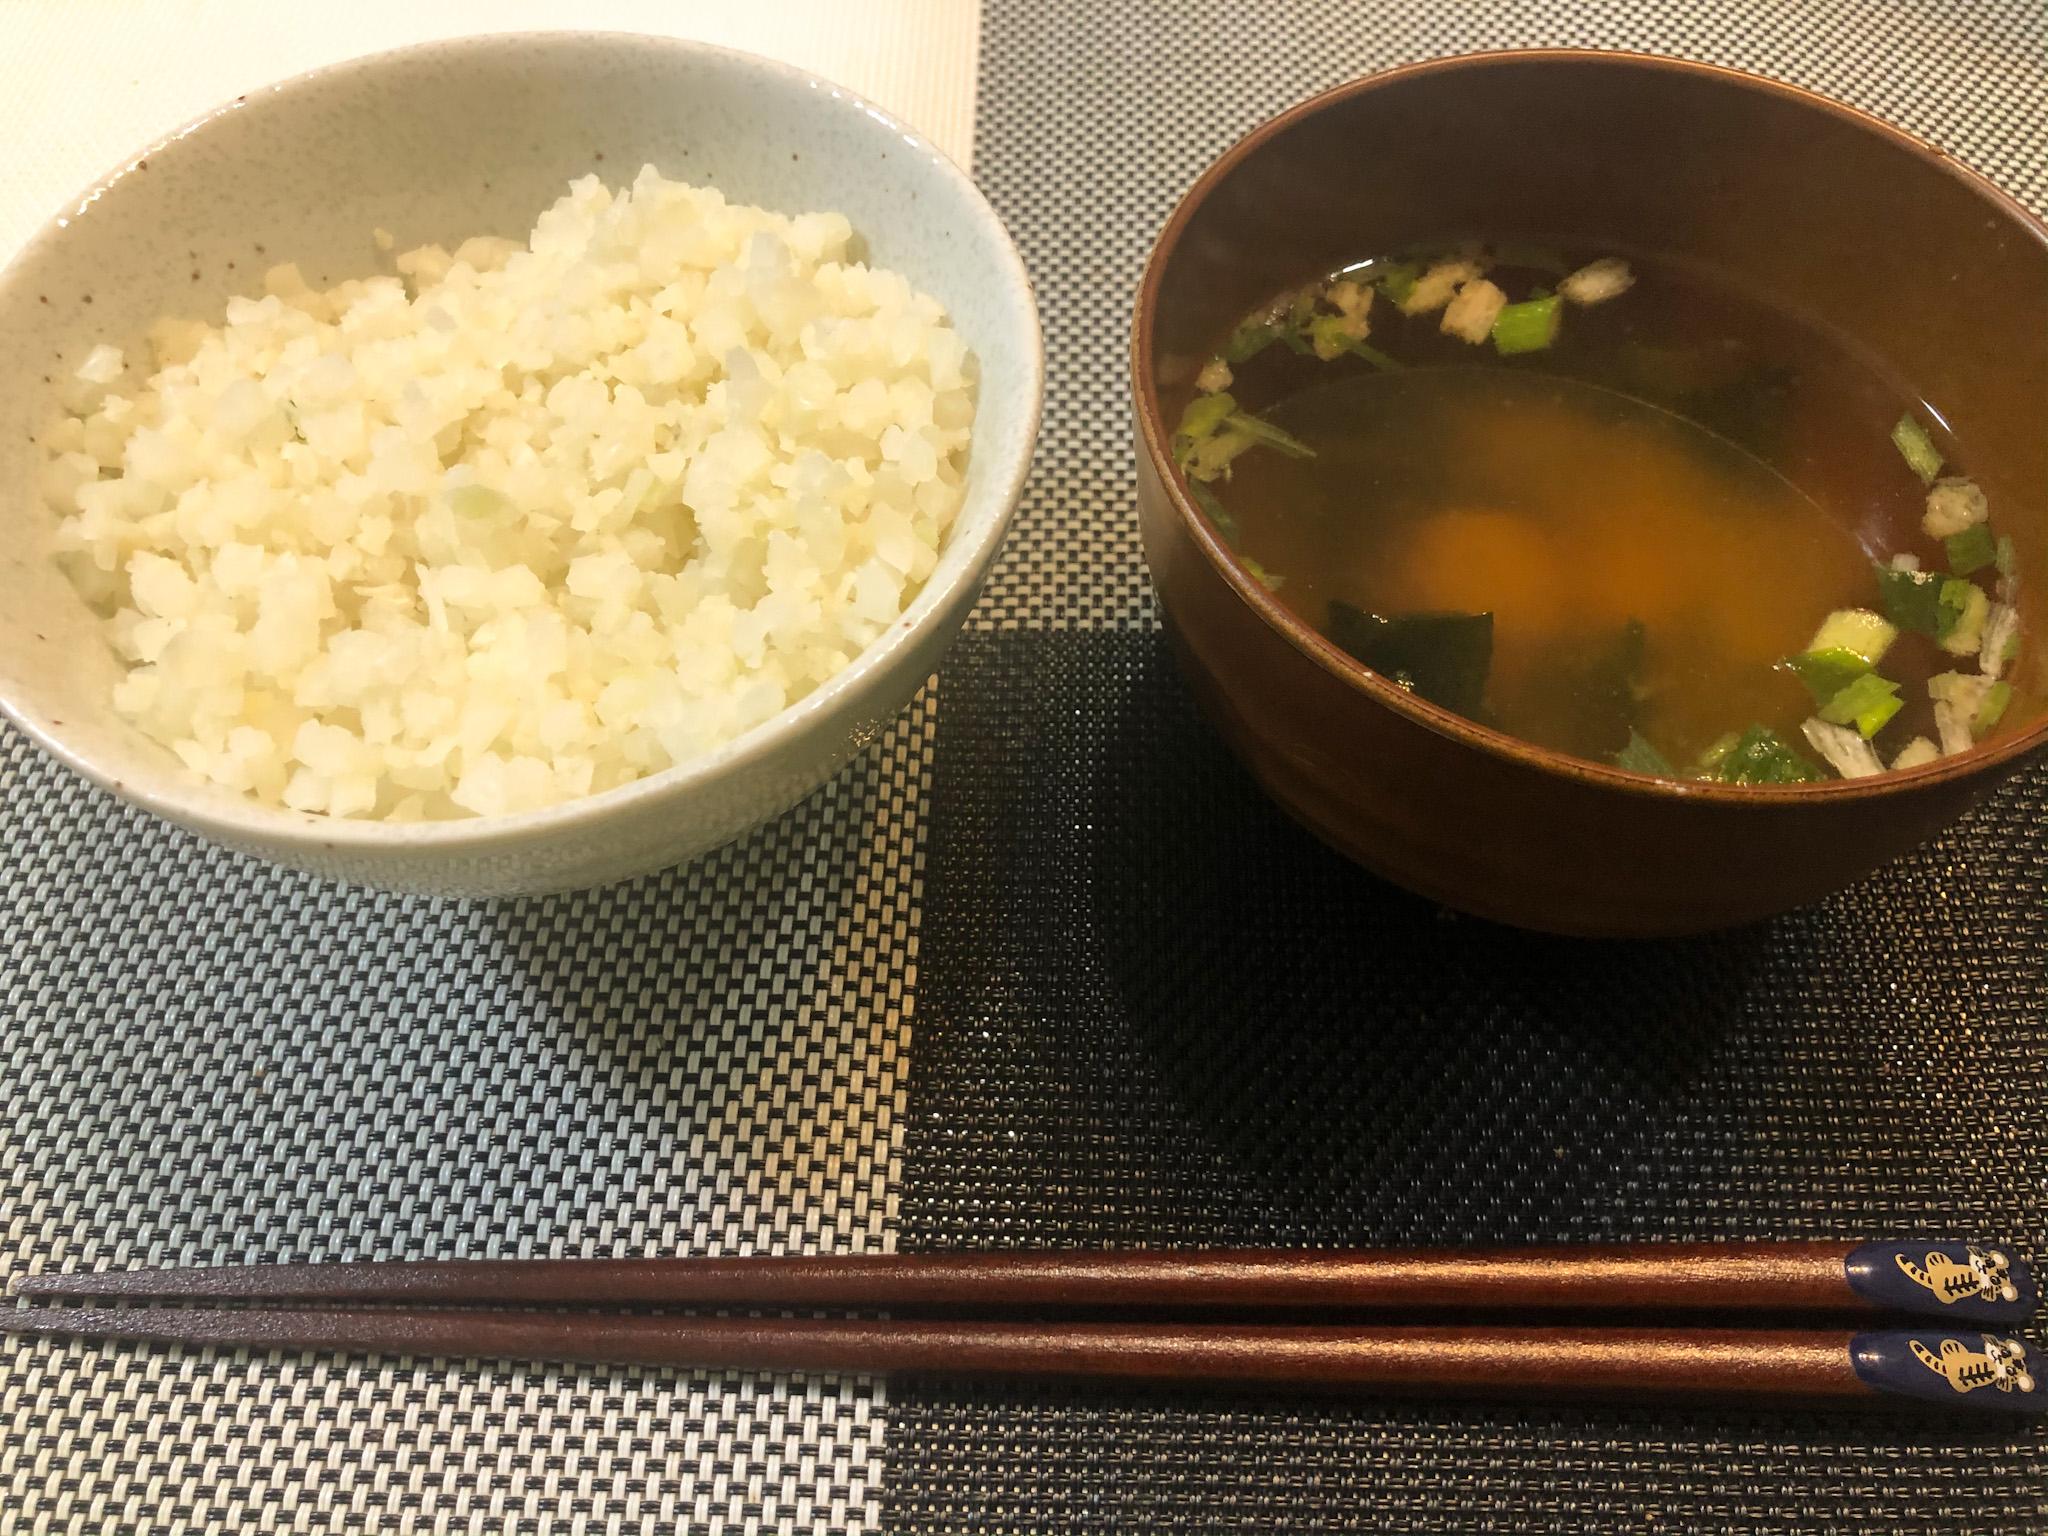 カリフラワーライスと味噌汁